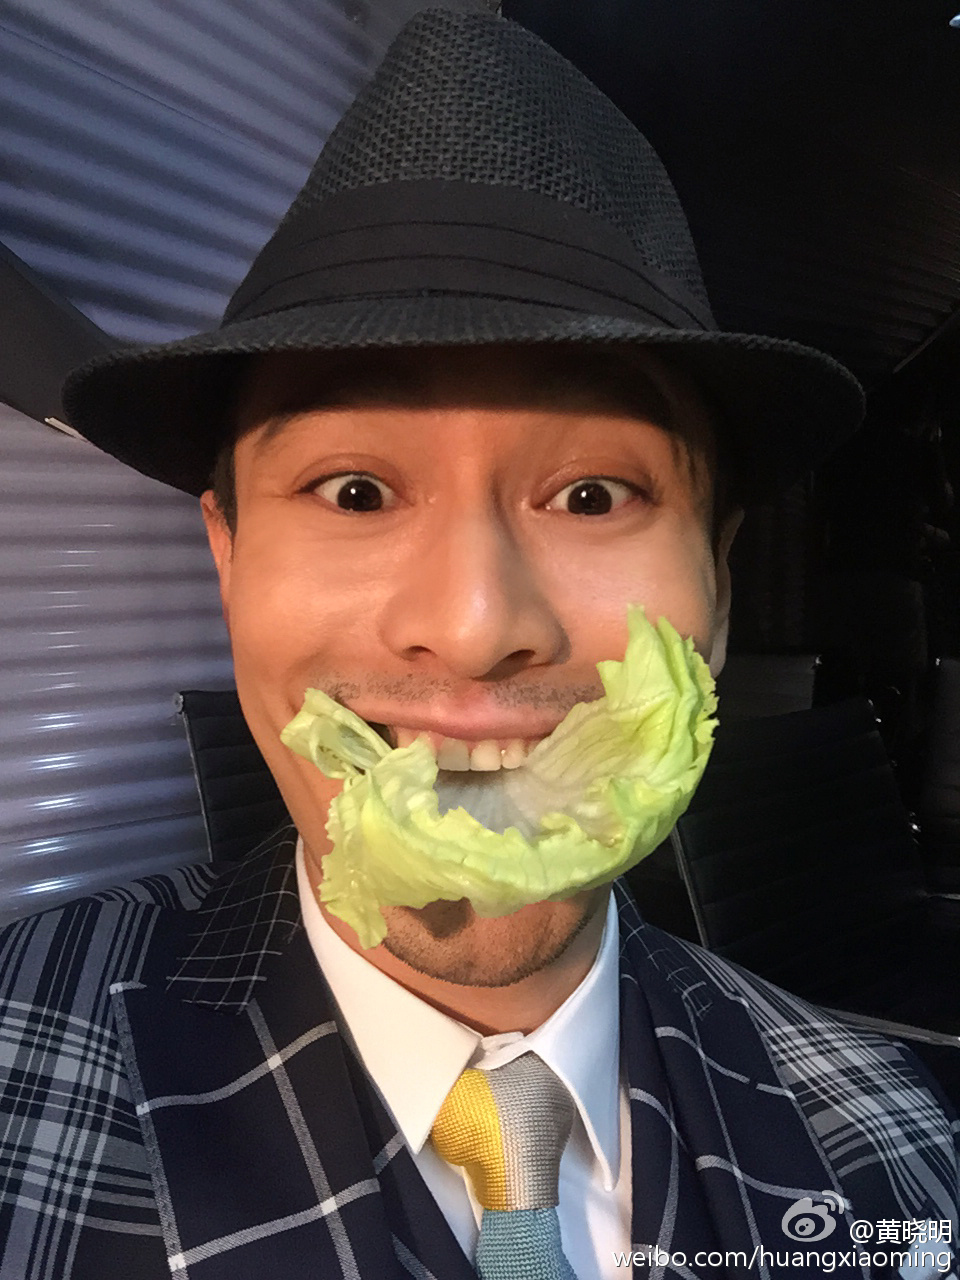 黄晓明午餐黄瓜菜叶